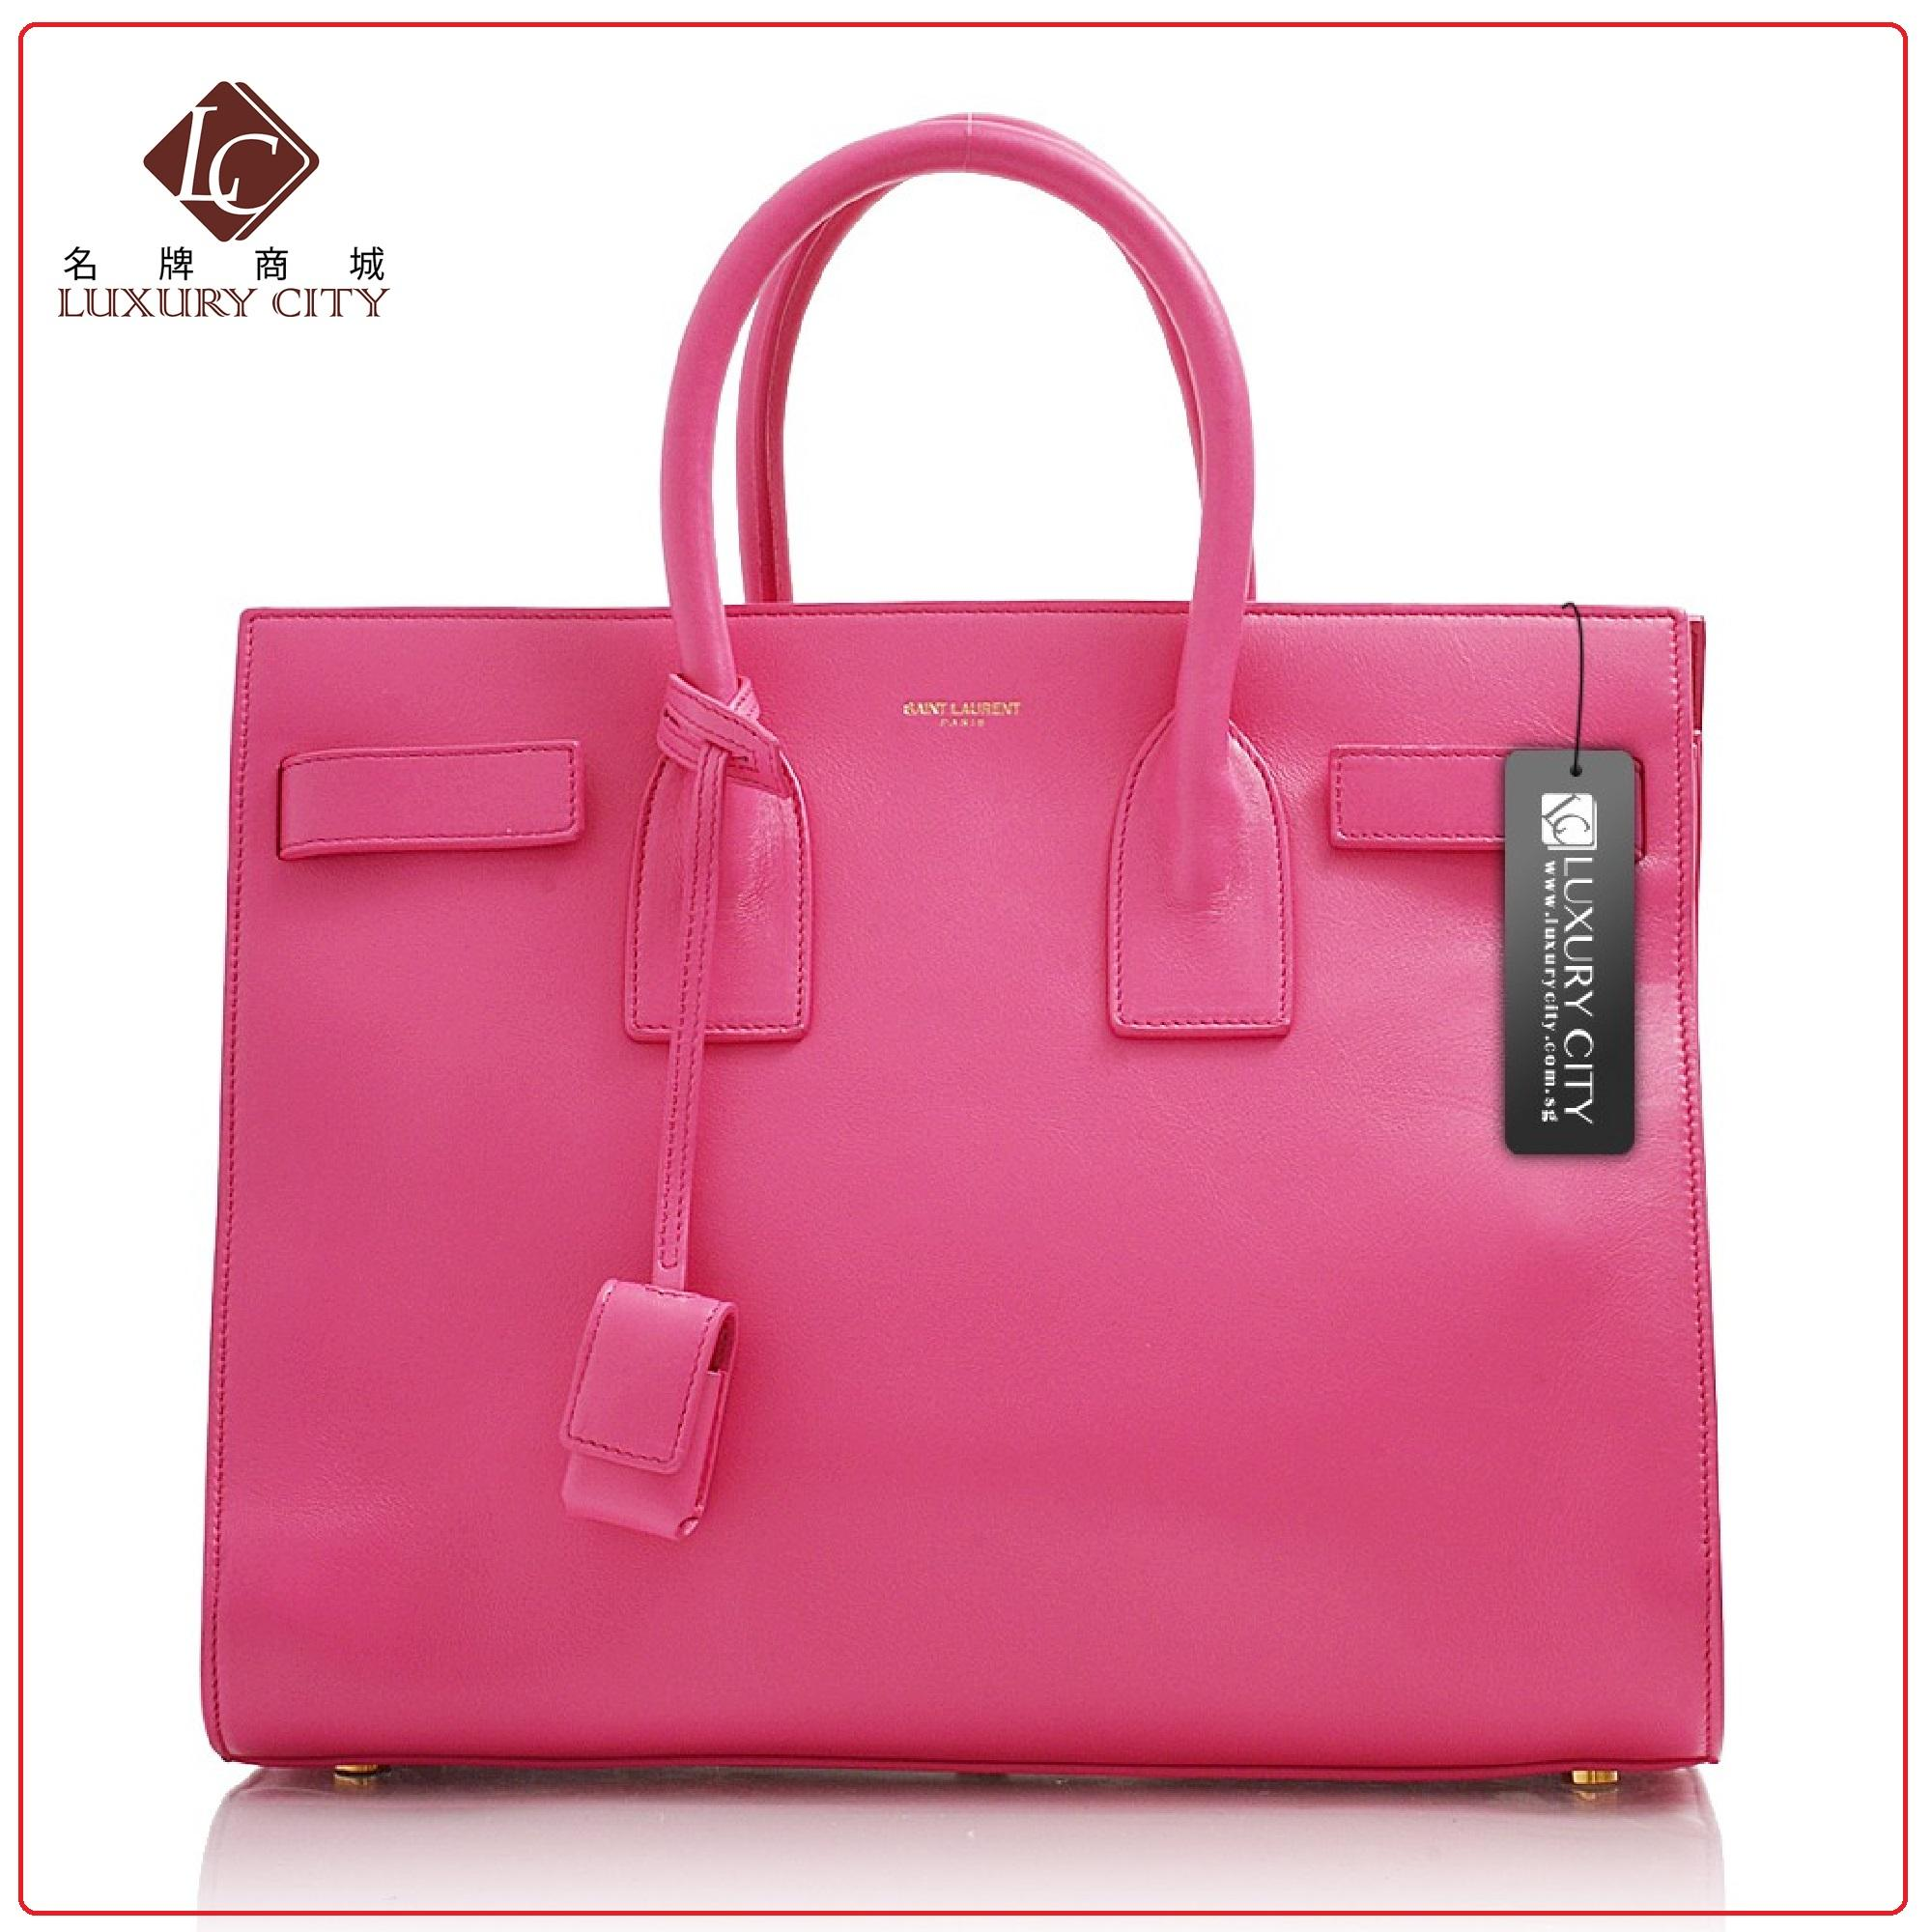 df9e0df3 Latest Saint Laurent Cross Body & Shoulder Bags Products | Enjoy ...